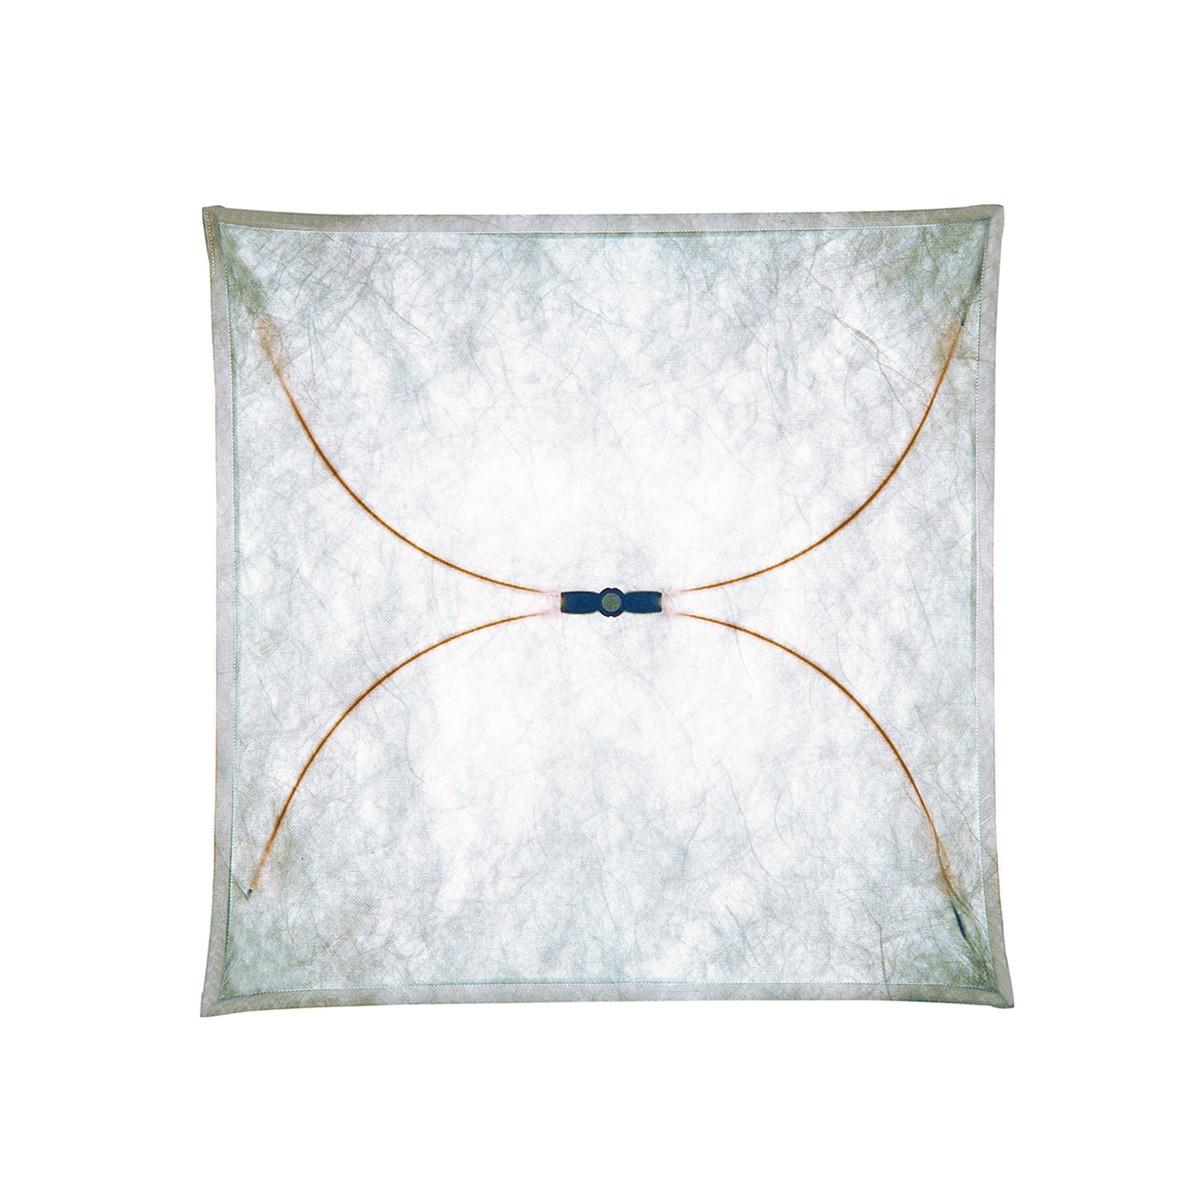 Flos Ariette Wand- / Deckenleuchte, 80 x 80 cm, Stoff